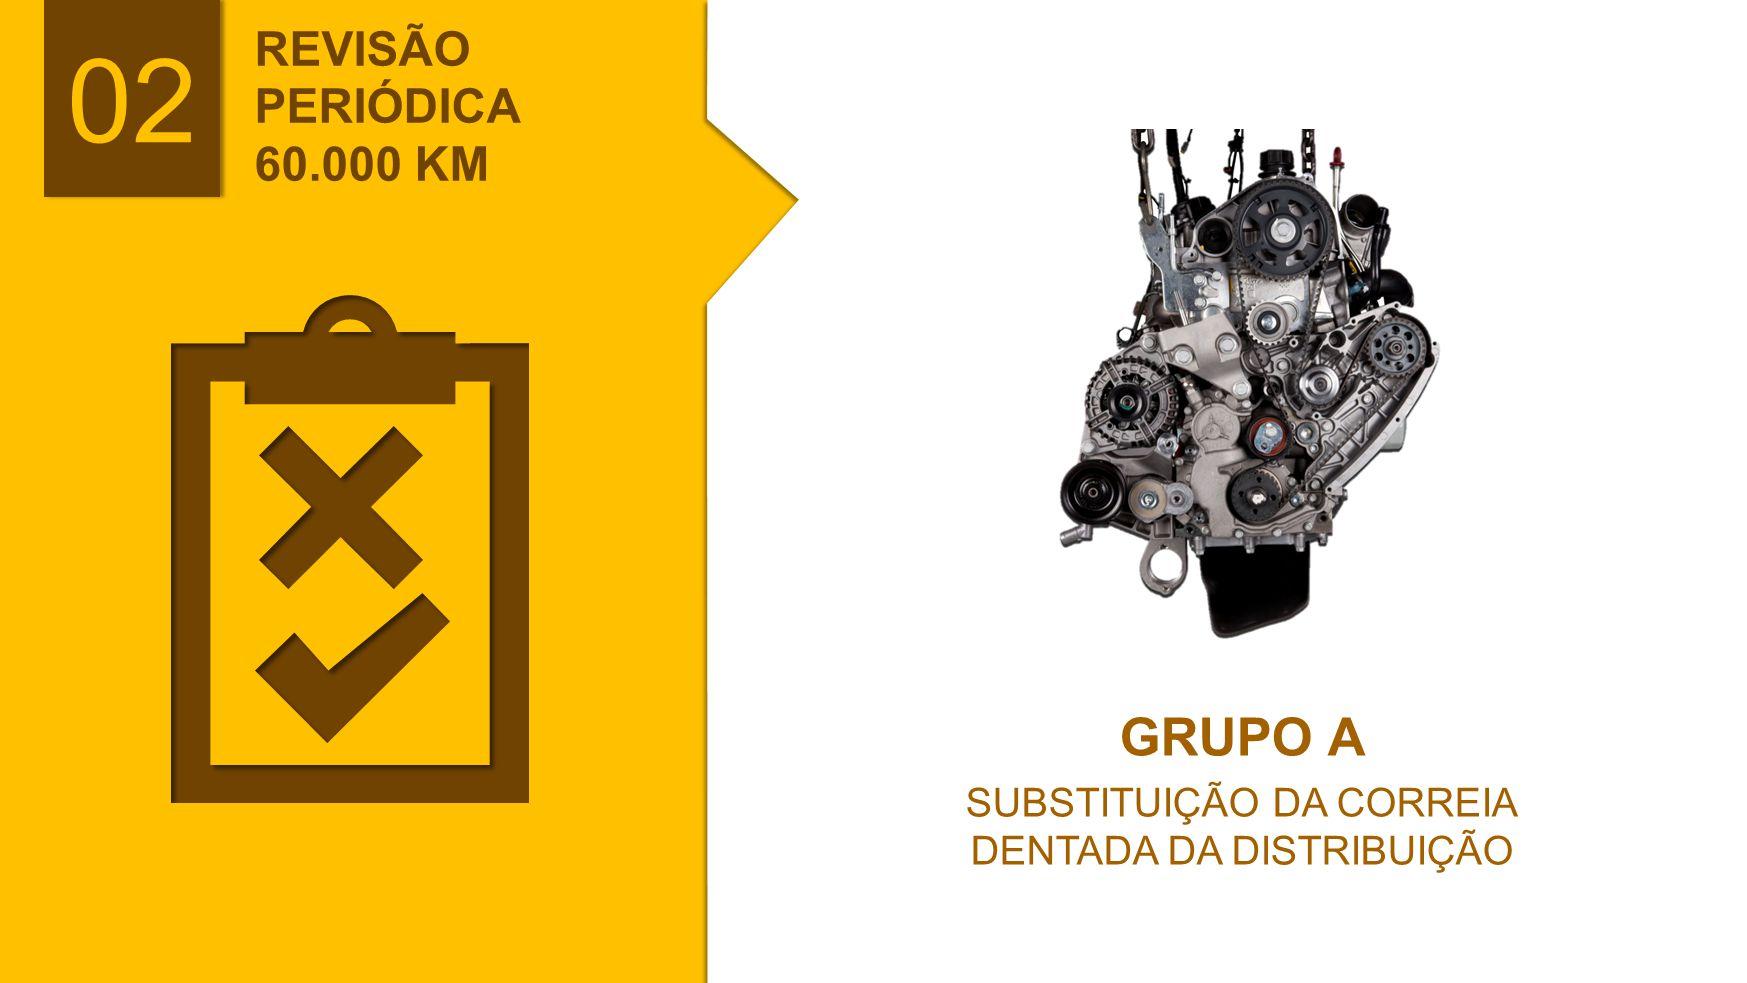 GRUPO A SUBSTITUIÇÃO DA CORREIA DENTADA DA DISTRIBUIÇÃO 02